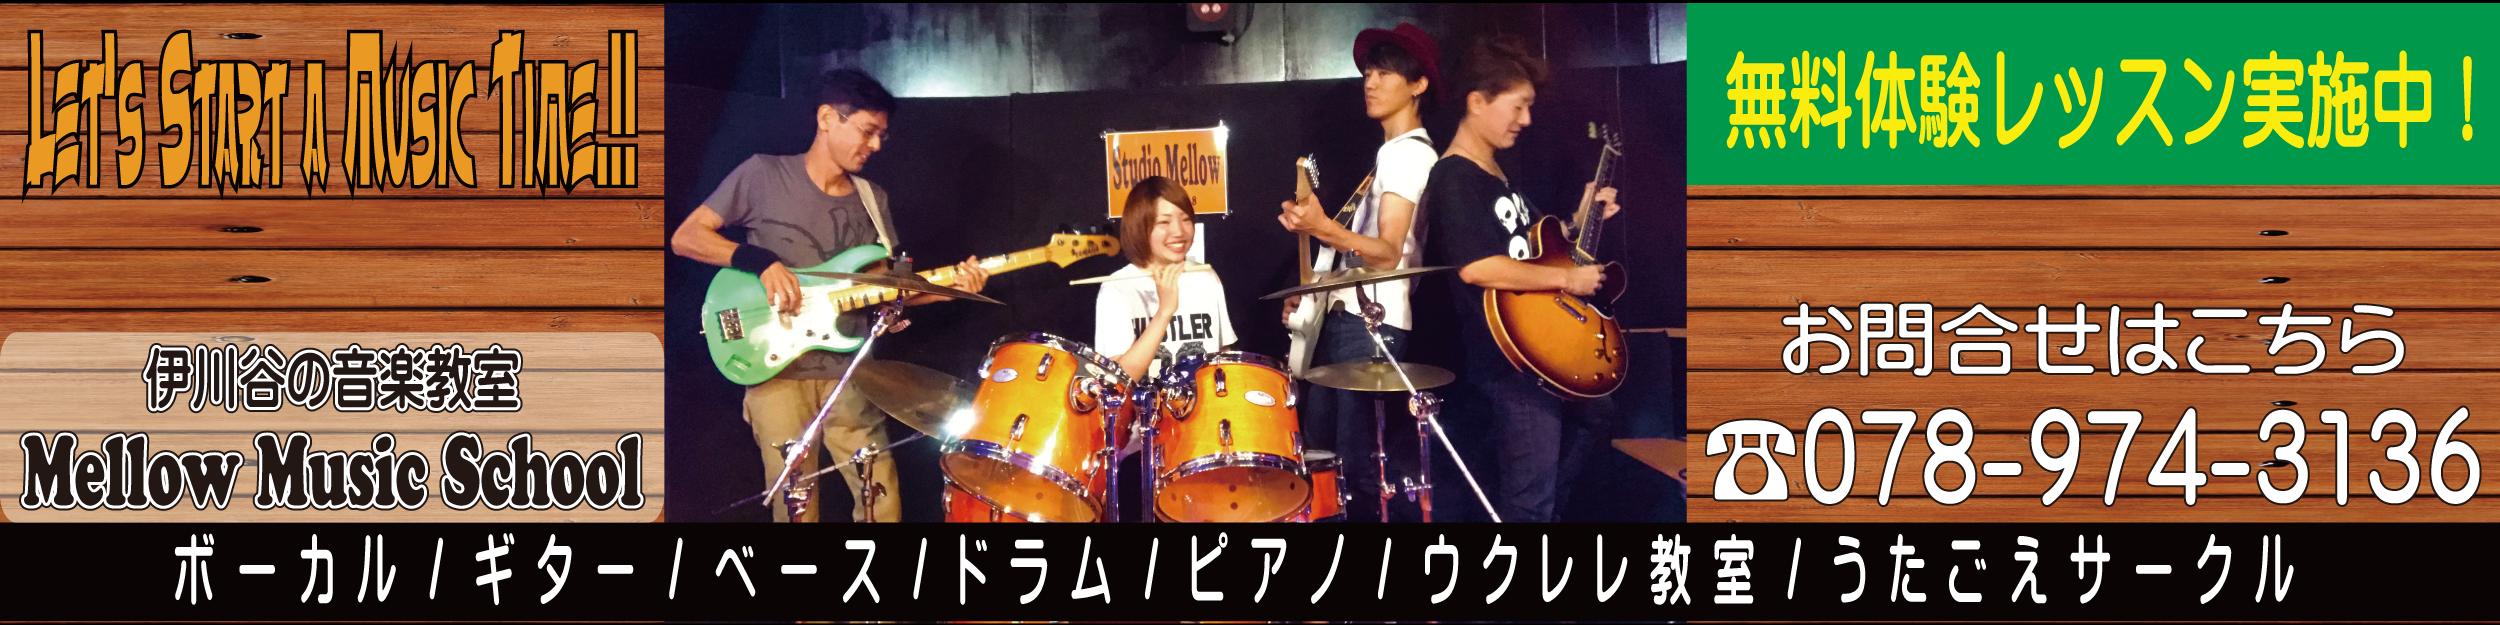 メロウミュージックスクール|伊川谷の音楽教室